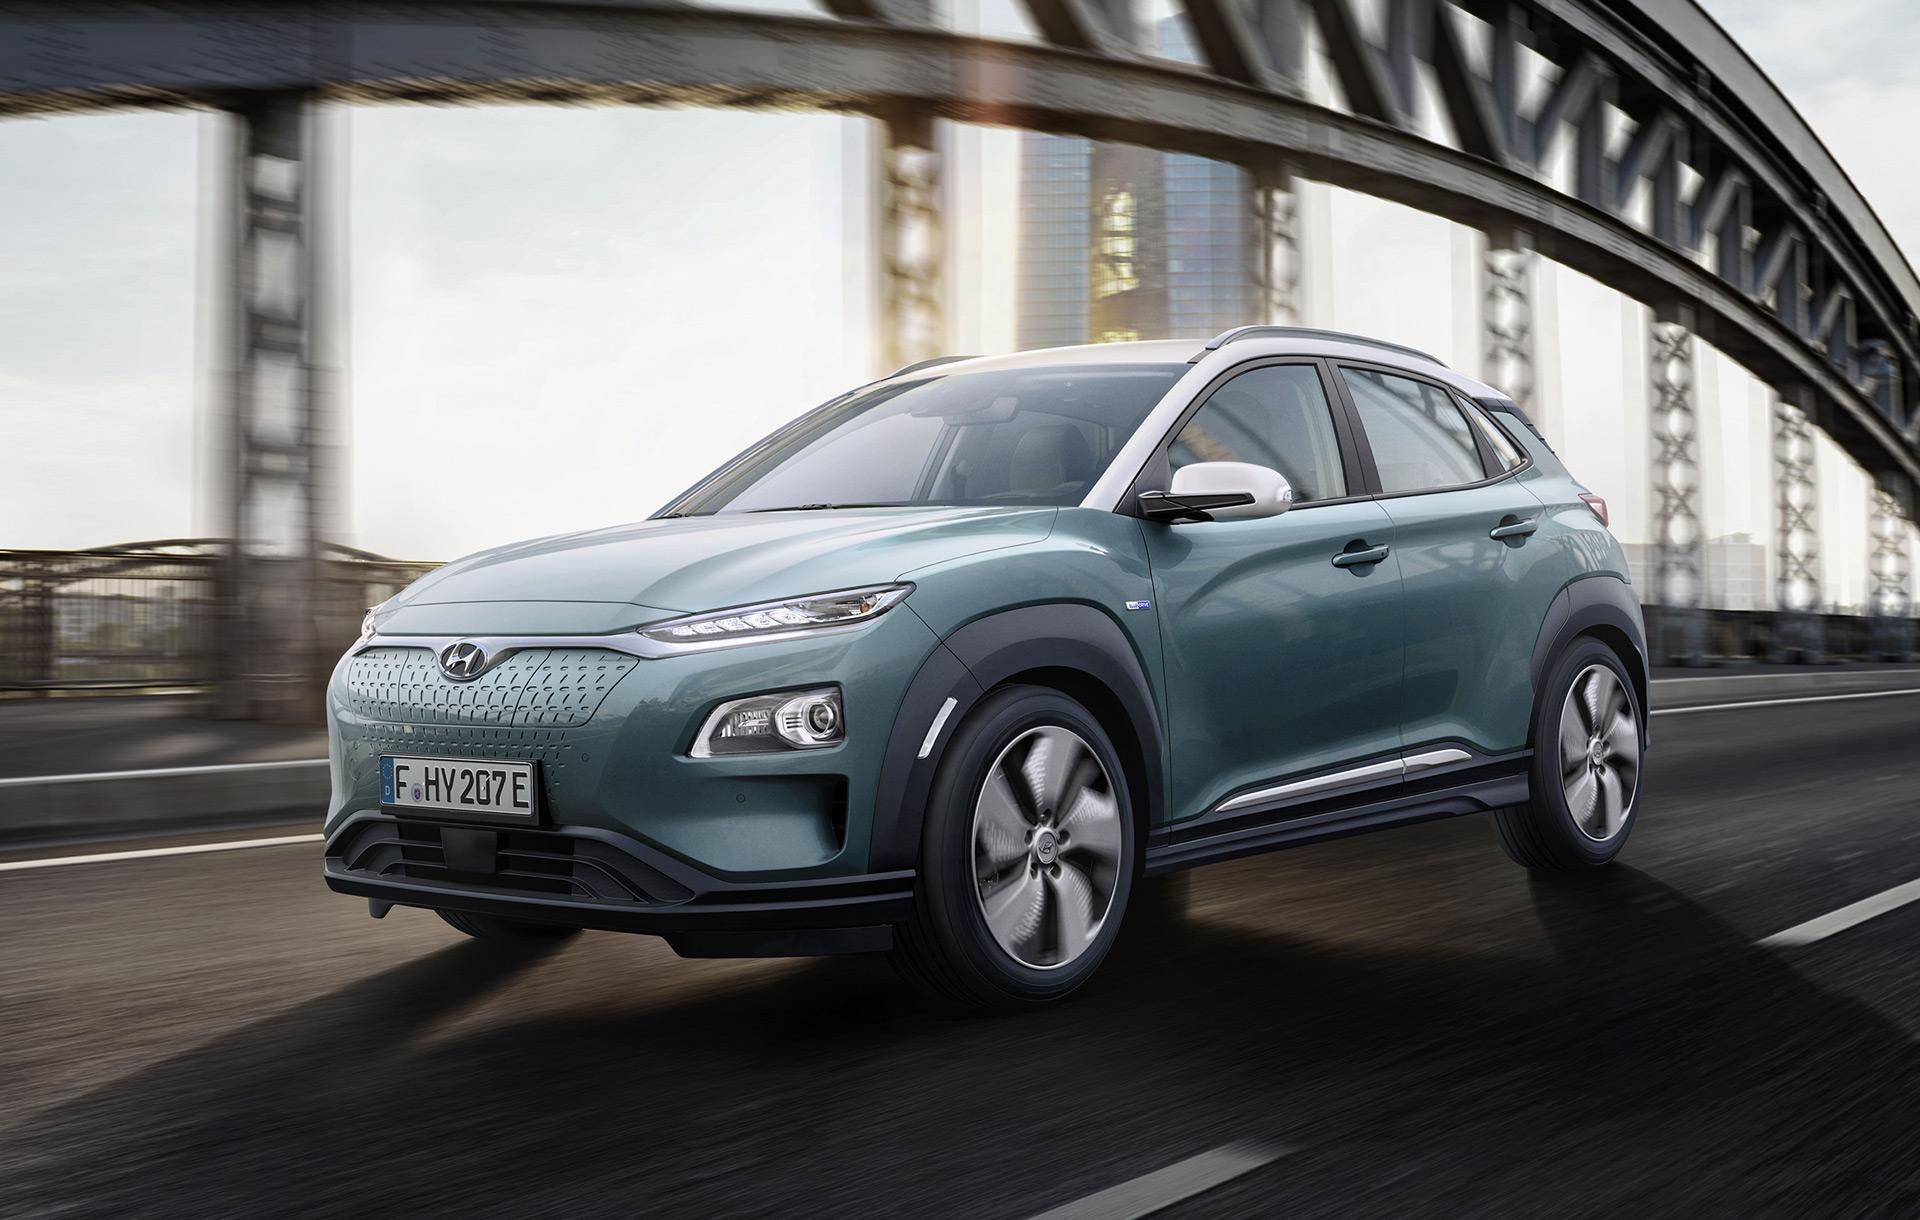 Hyundai Kona Electric Debuts Before Geneva Show 292 Mile